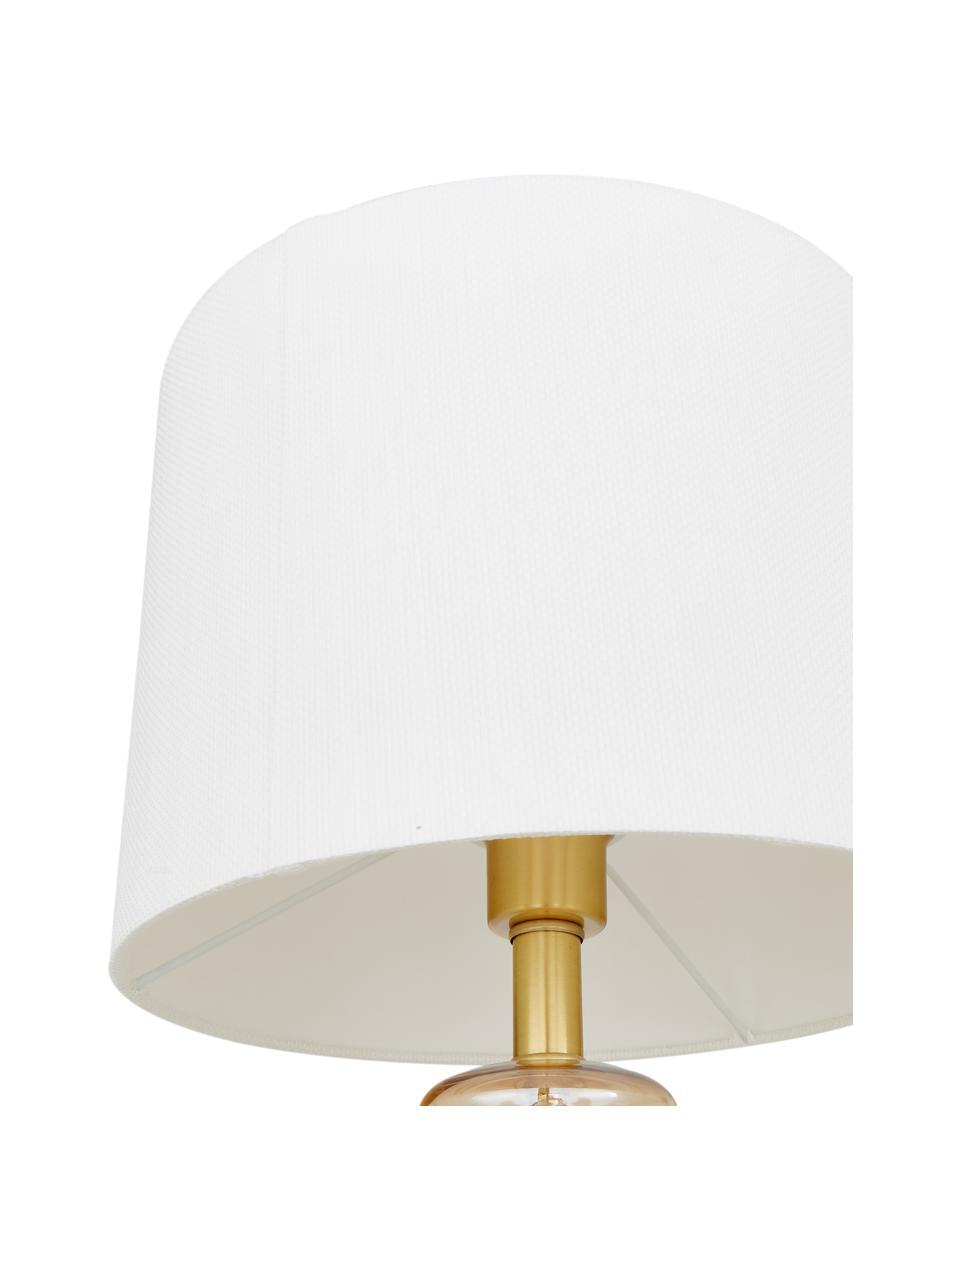 Lampada da tavolo con base in vetro Natty, Paralume: tessuto, Base della lampada: vetro, ottone spazzolato, Bianco, ambra, trasparente, Ø 31 x Alt. 48 cm